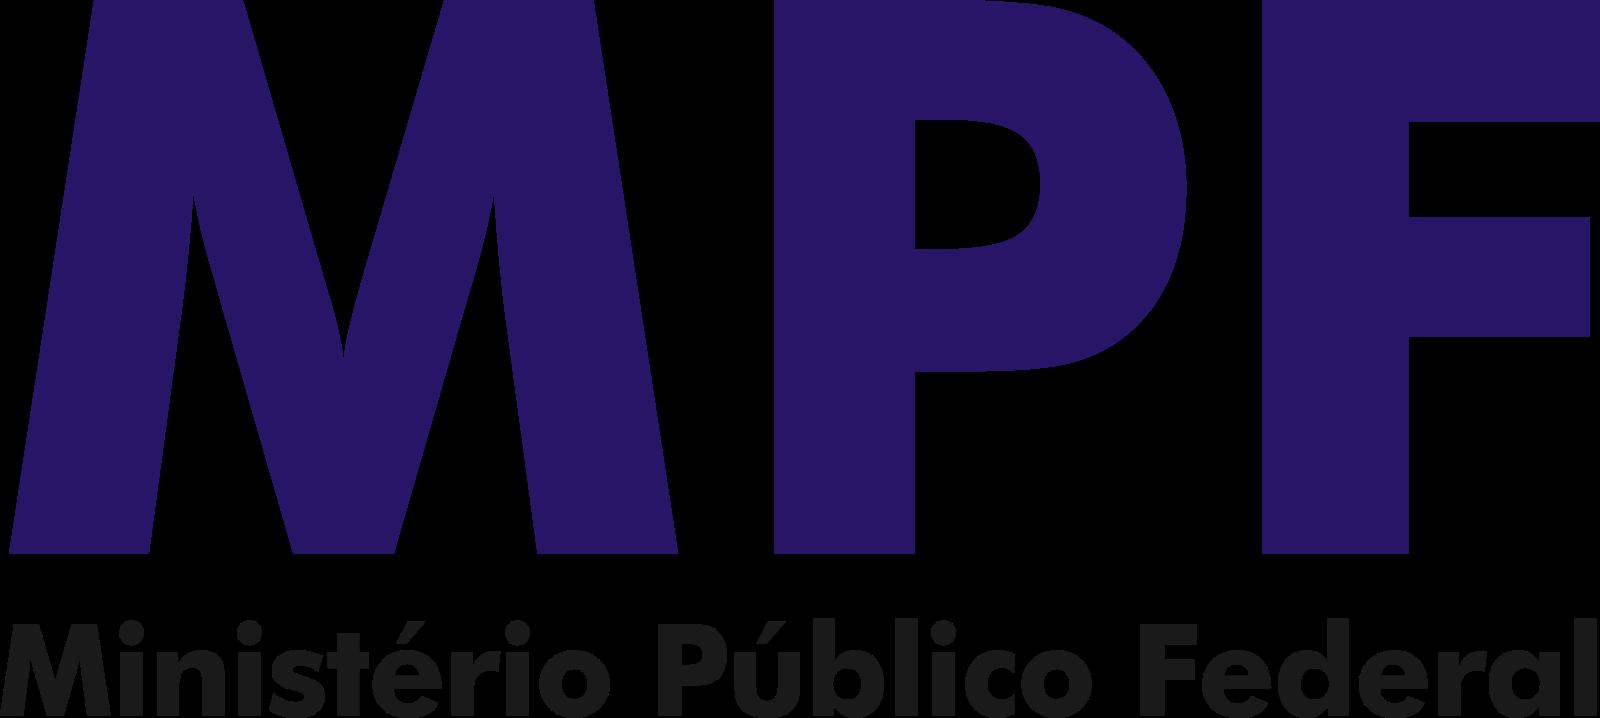 mpf-logo-ministerio-publico-federal-2